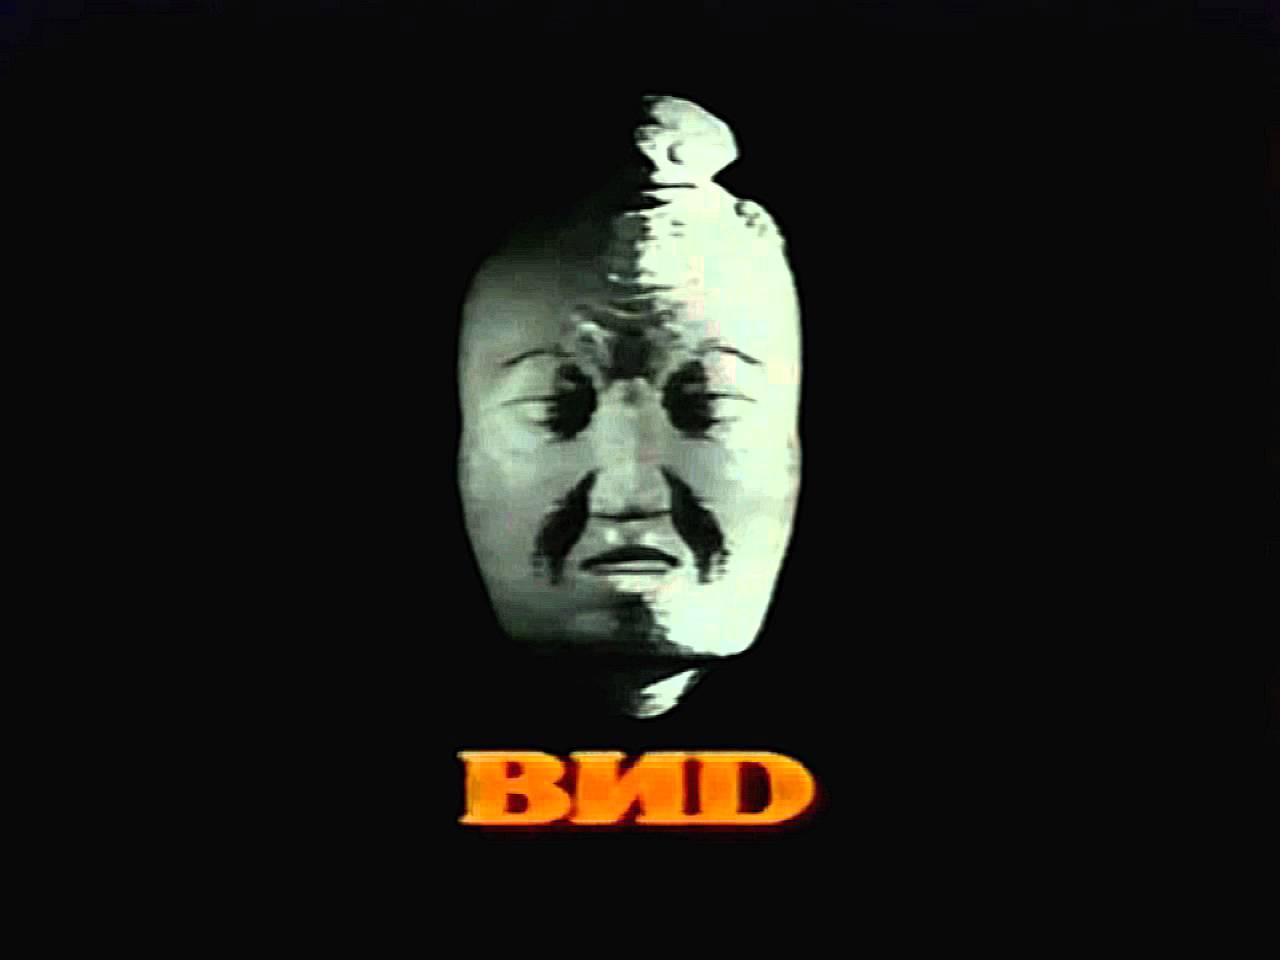 Чье лицо изображено на пугающем логотипе телекомпании ВИД?